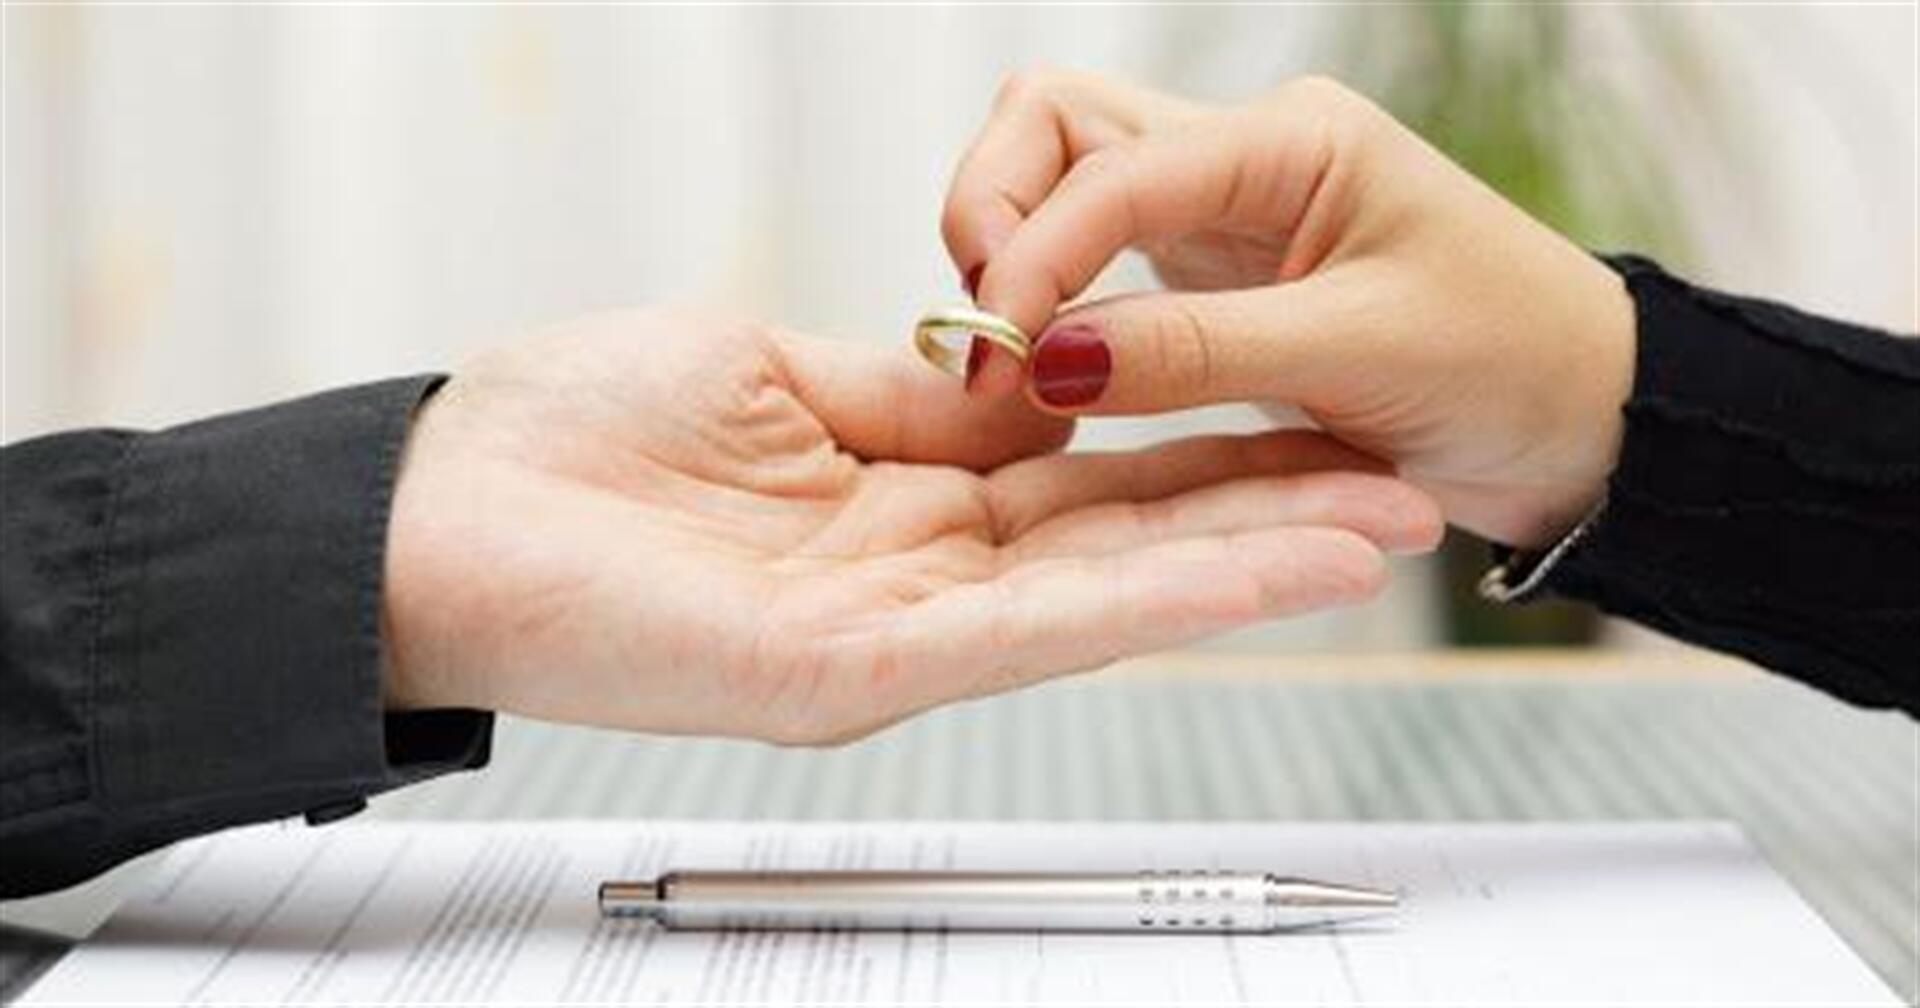 Karantinin faydası: Toylarla yanaşı, boşanmalar da azalıb - MÜQAYİSƏ